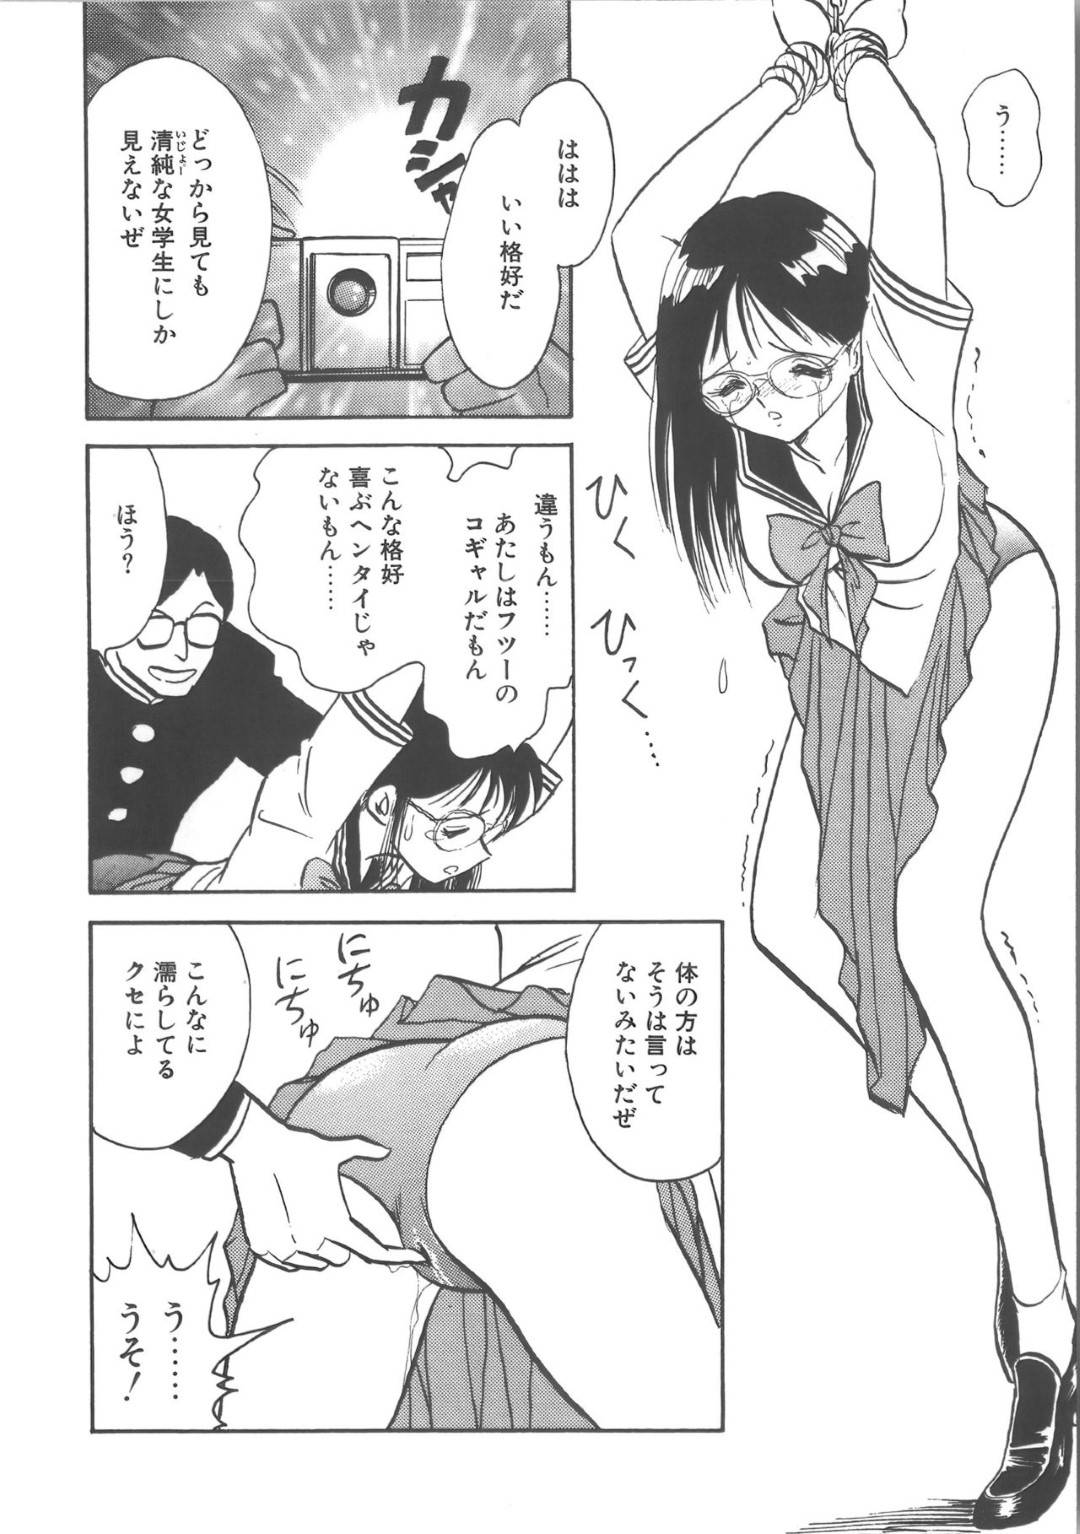 【エロ漫画】突然オタク男子に倉庫へと監禁されてしまった不良ギャルJK。彼女は歪んだ性癖の彼に髪を黒色に染めさせられり、セーラー服を着せられたりと清楚系JKに仕立て上げられて上でレイプされる羽目となってしまう。